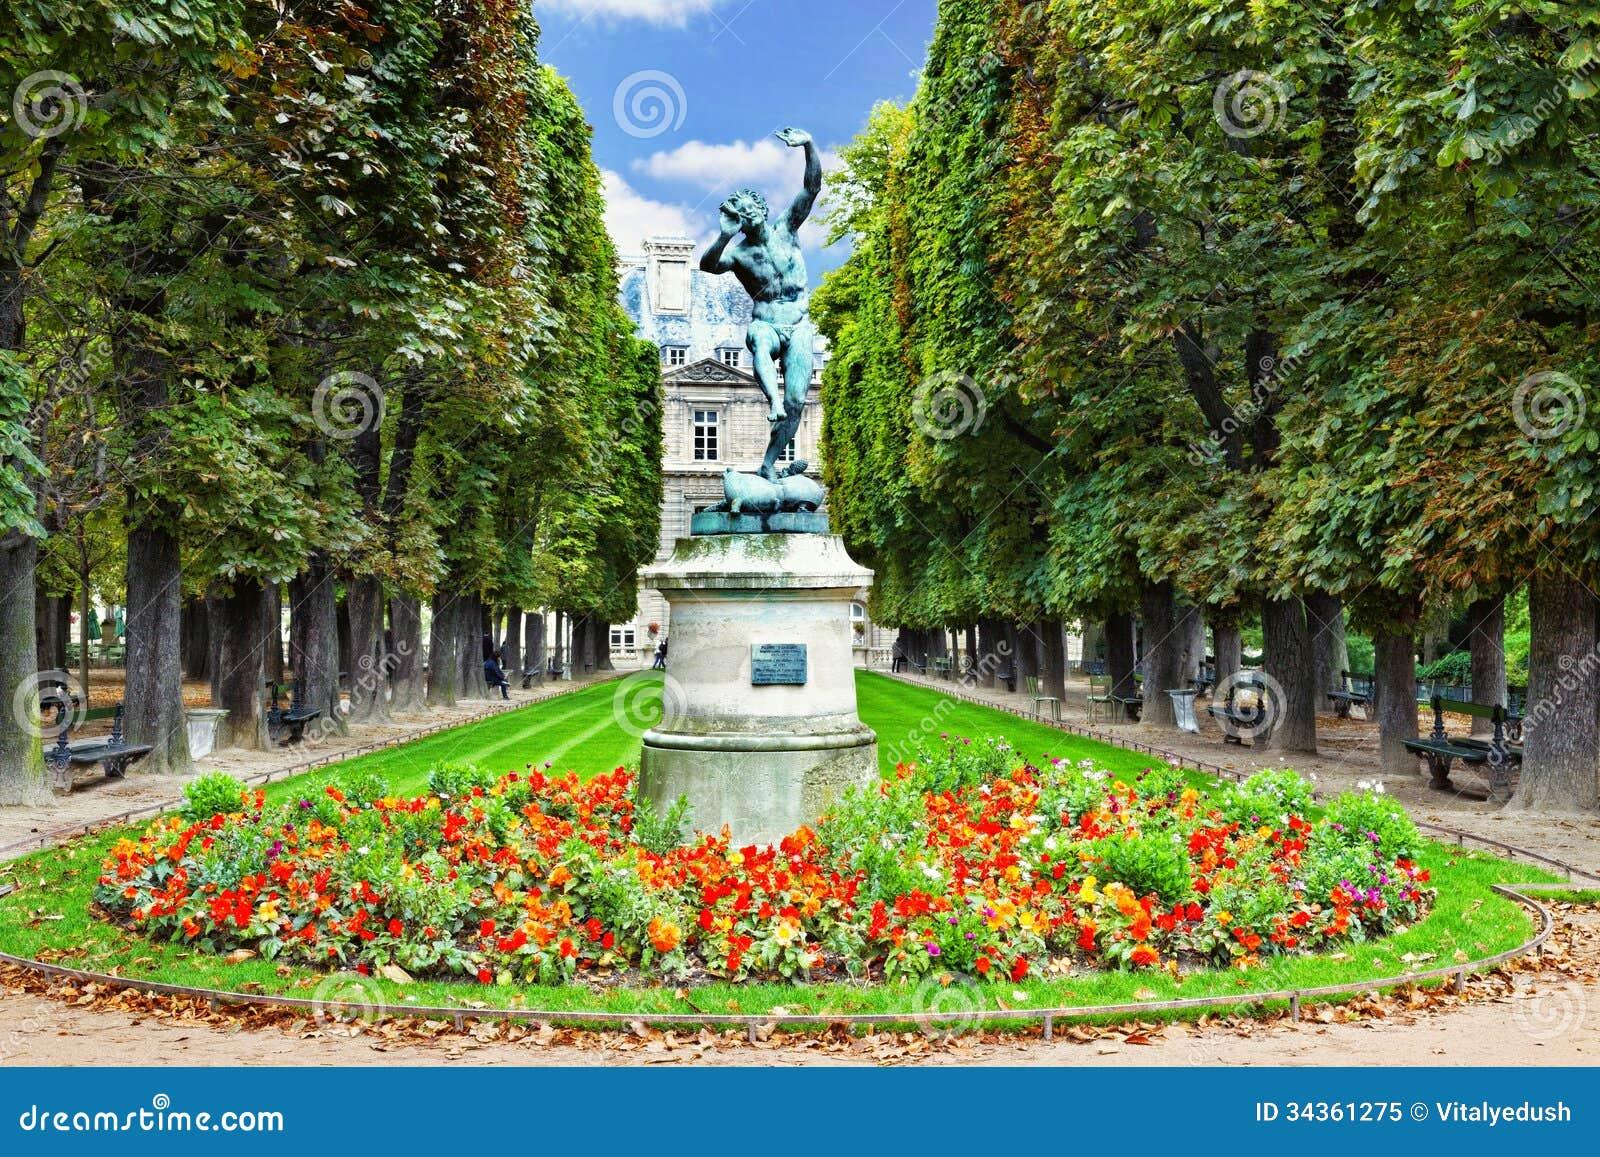 Photos de jardin de france paris 75007 for Jardin de france magnanville 78